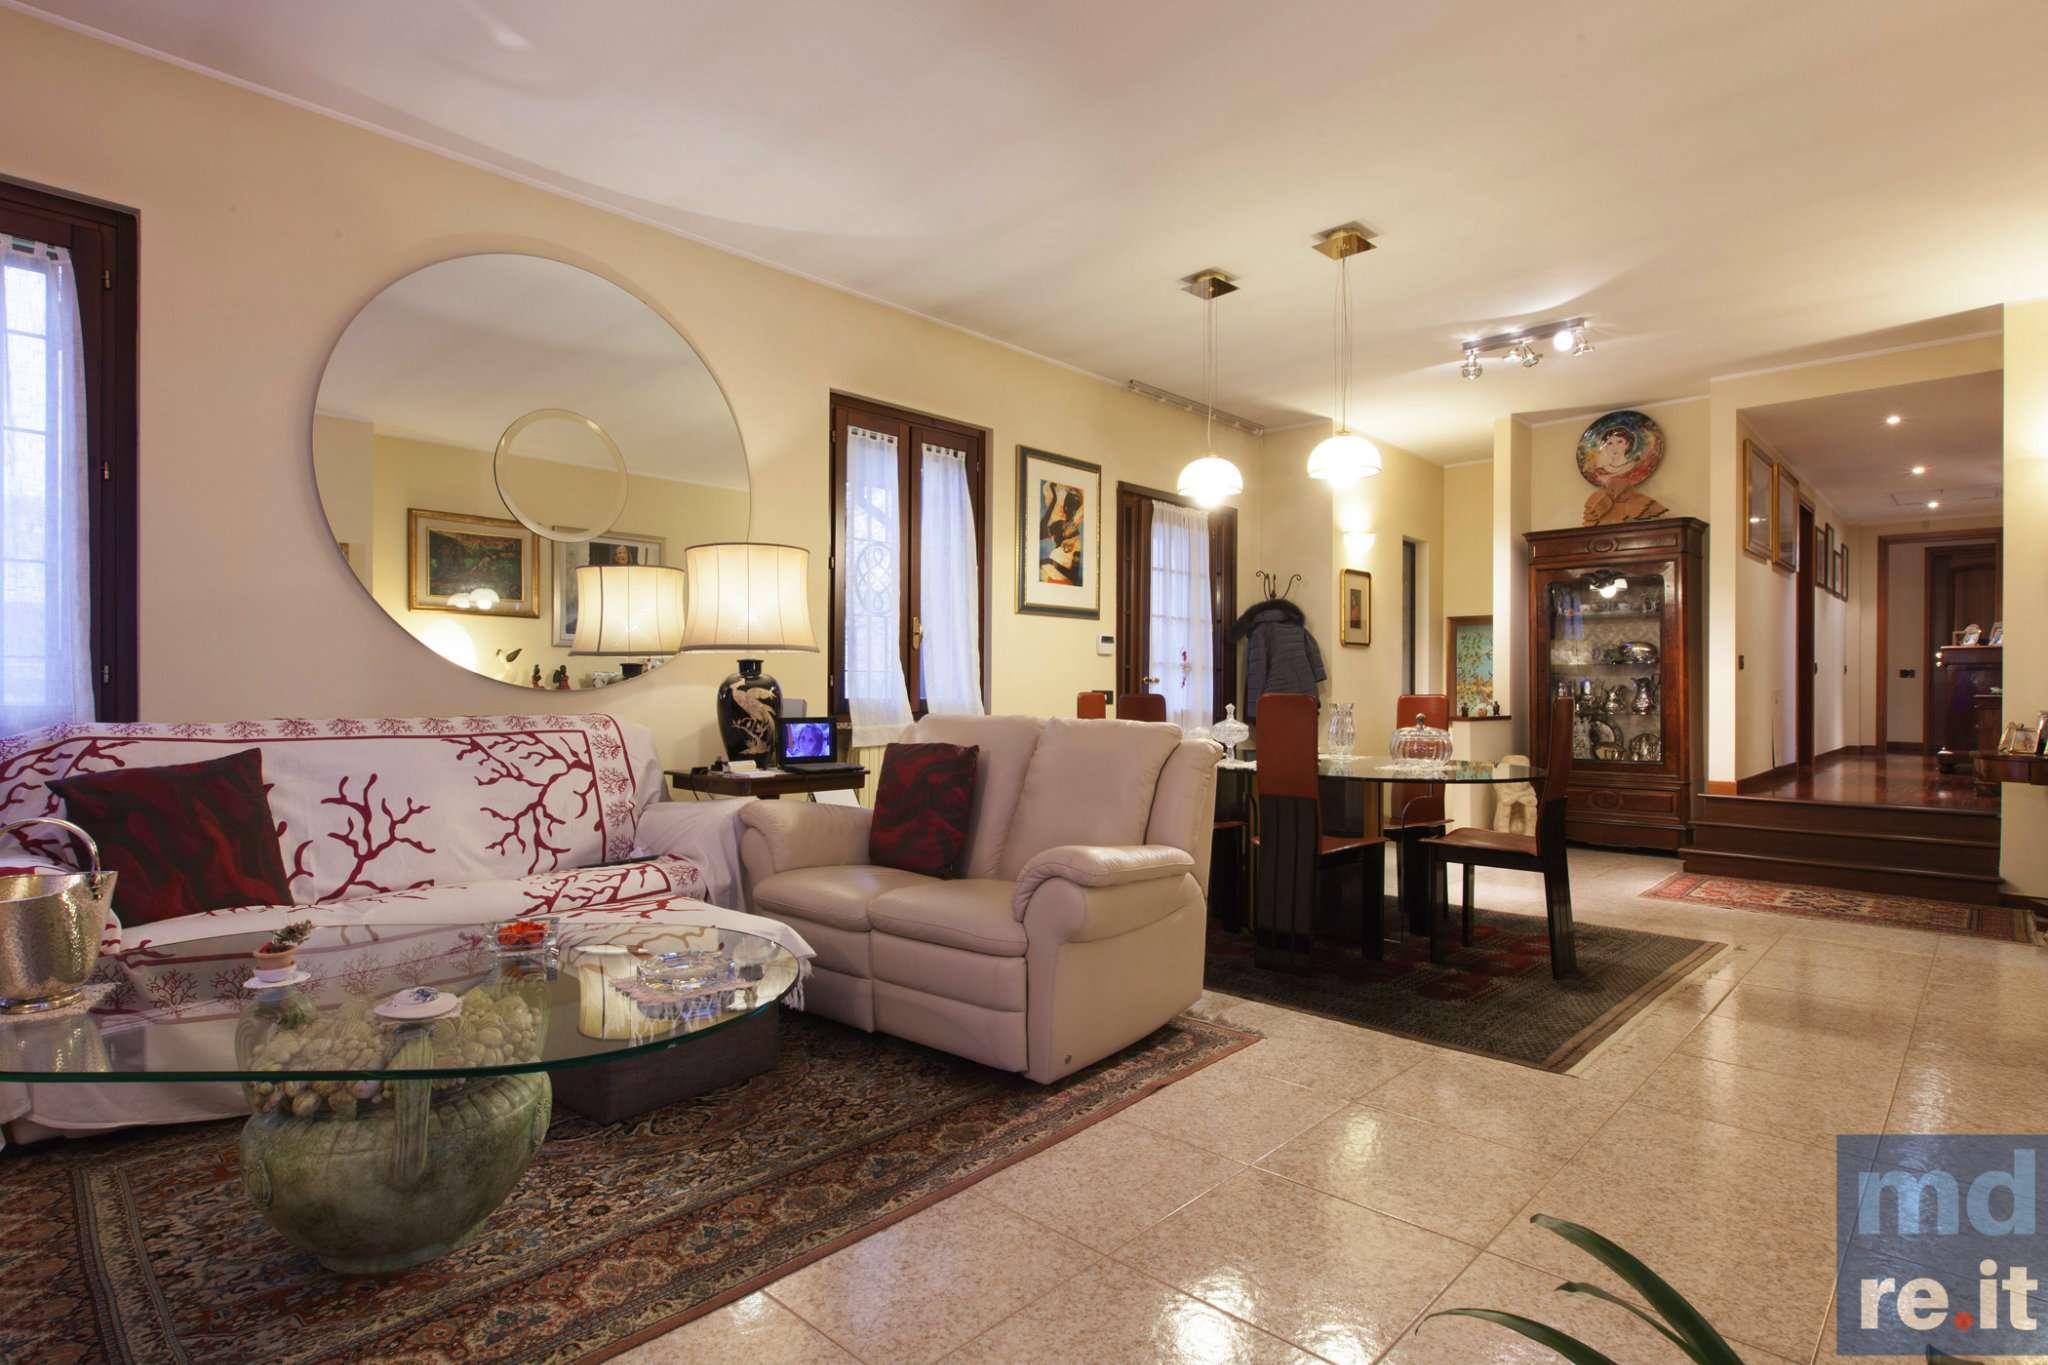 Soluzione Indipendente in vendita a Pieve Fissiraga, 5 locali, prezzo € 650.000 | Cambio Casa.it